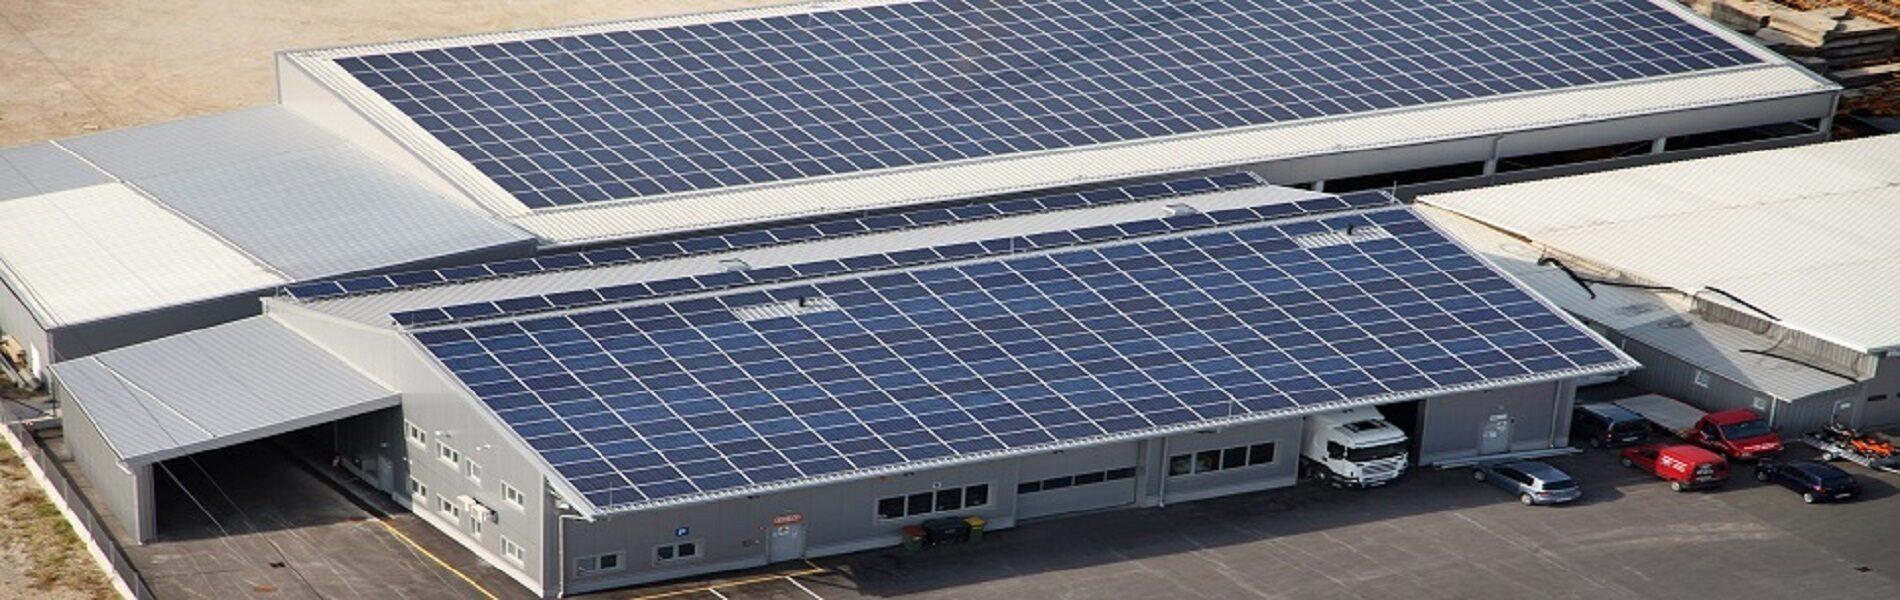 """""""Üretimde süreklilik, güneş enerjisi ile olur."""""""